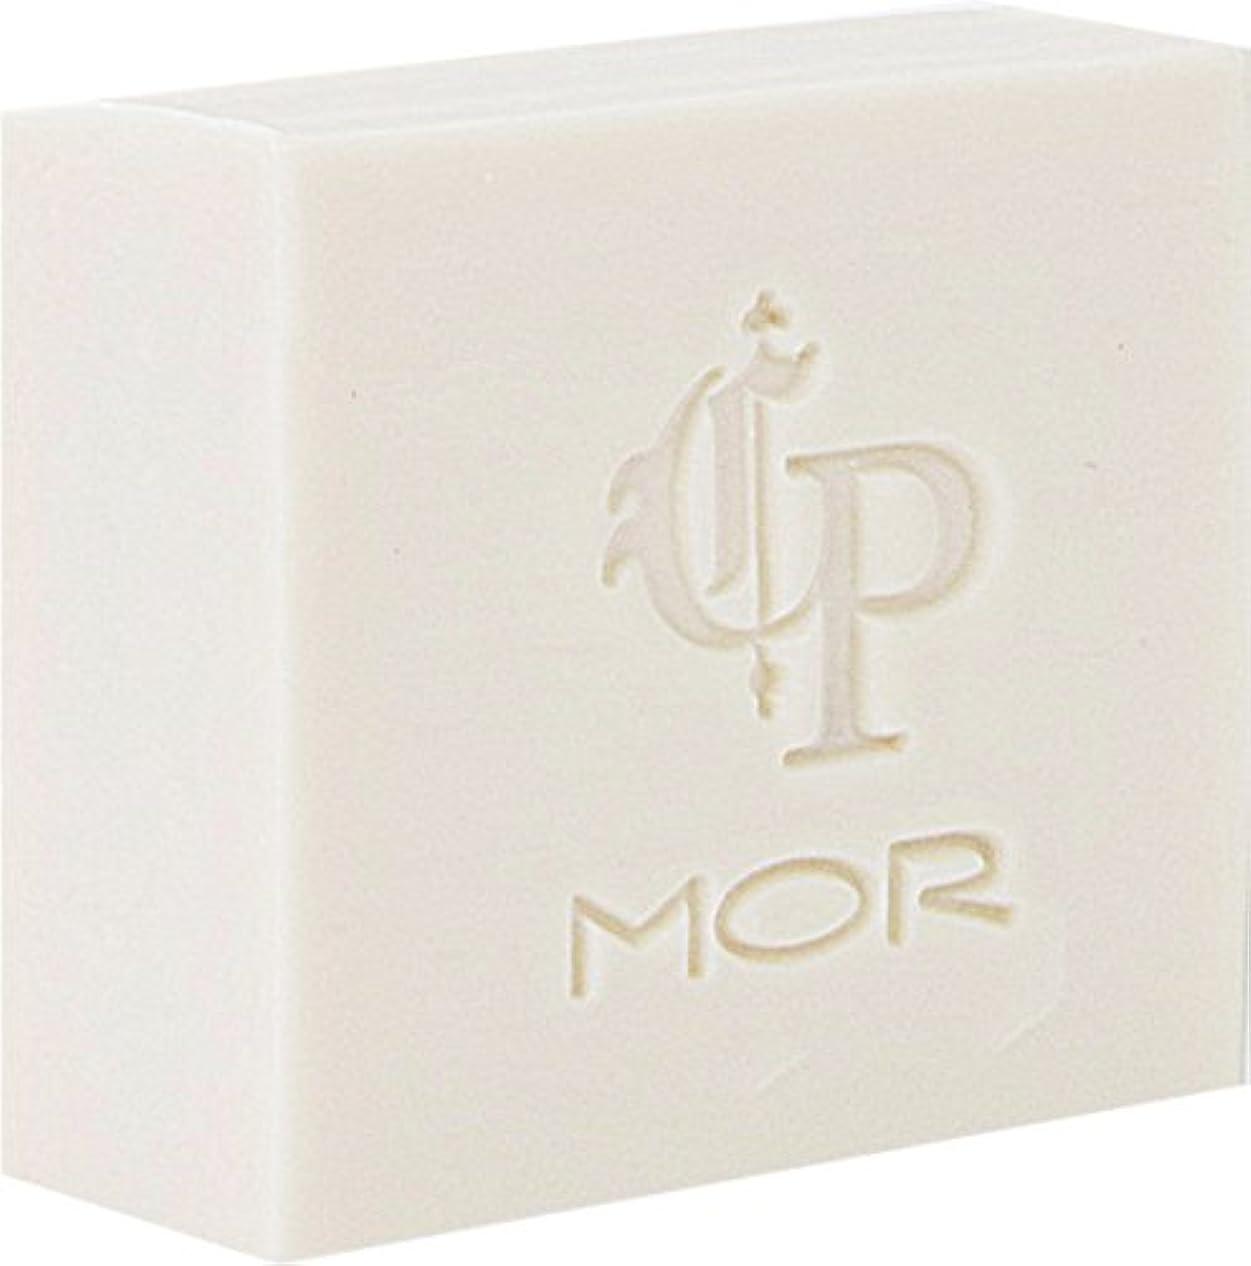 液体基本的な郵便物MOR(モア) コレスポンデンス トリプルミルドソープバー ペッパーベリーカルダモン 180g